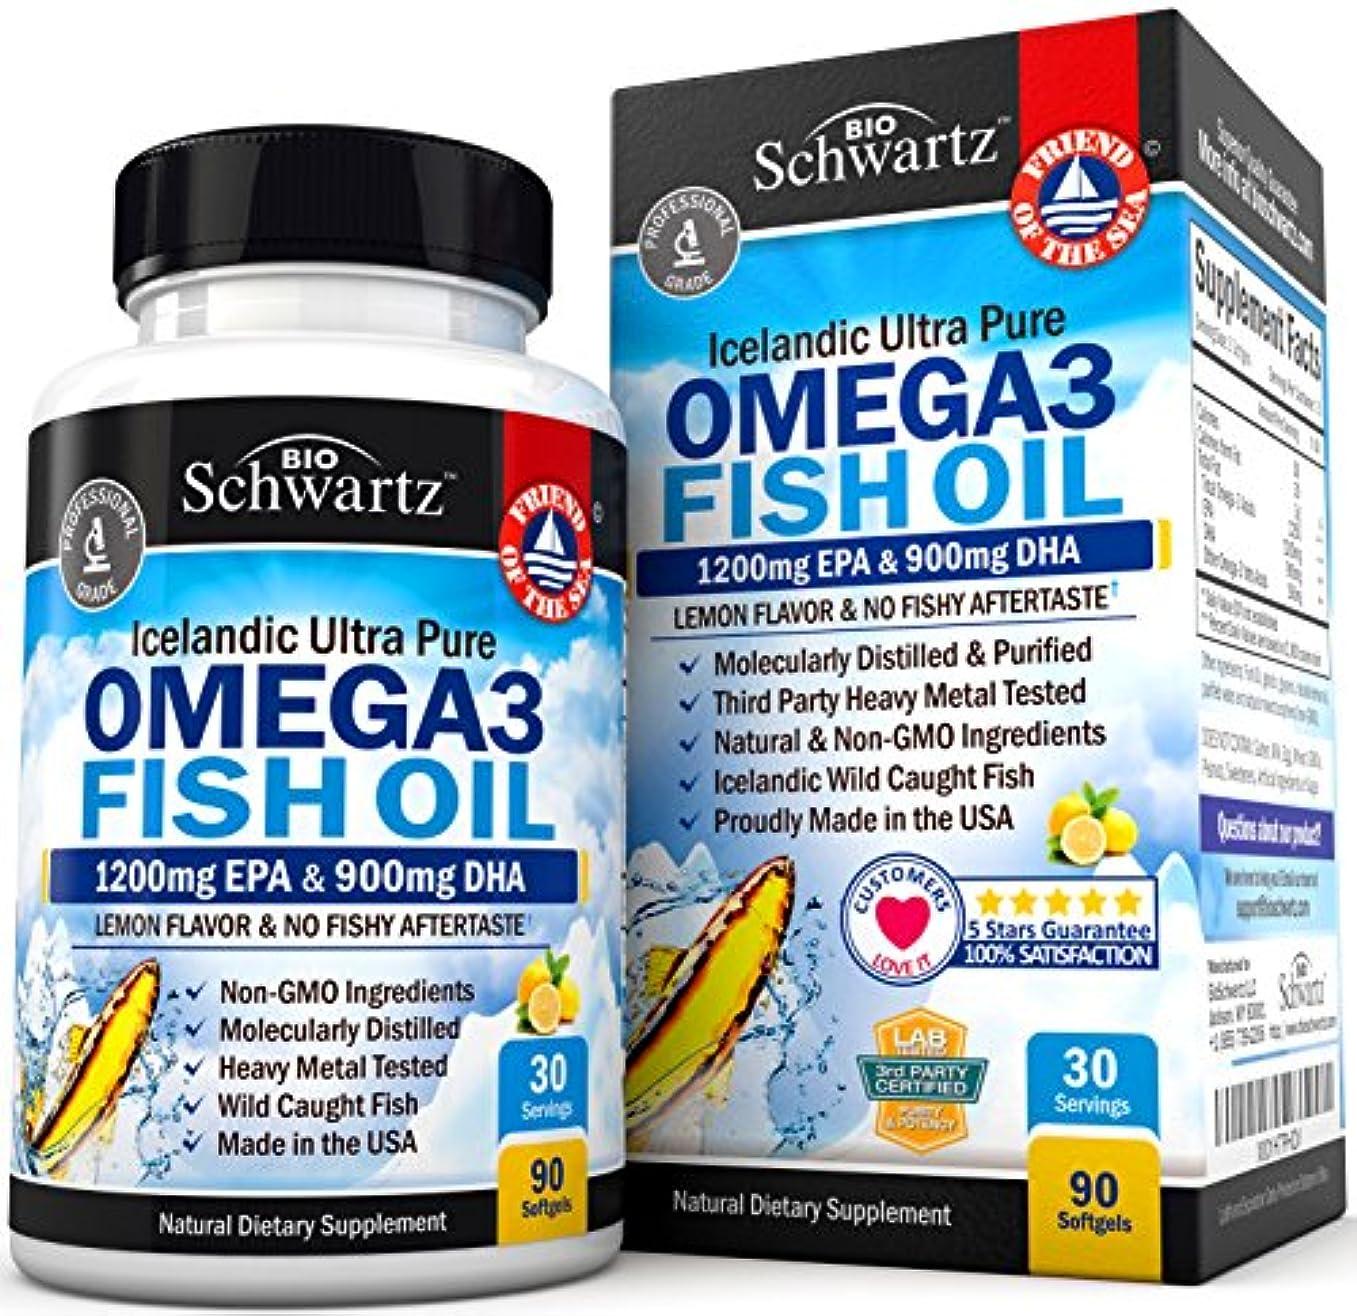 ヘア前提条件コスチュームBioSchwartz Omega 3 Fish Oil Supplement with 1200mg EPA, 900mg DHA 90粒